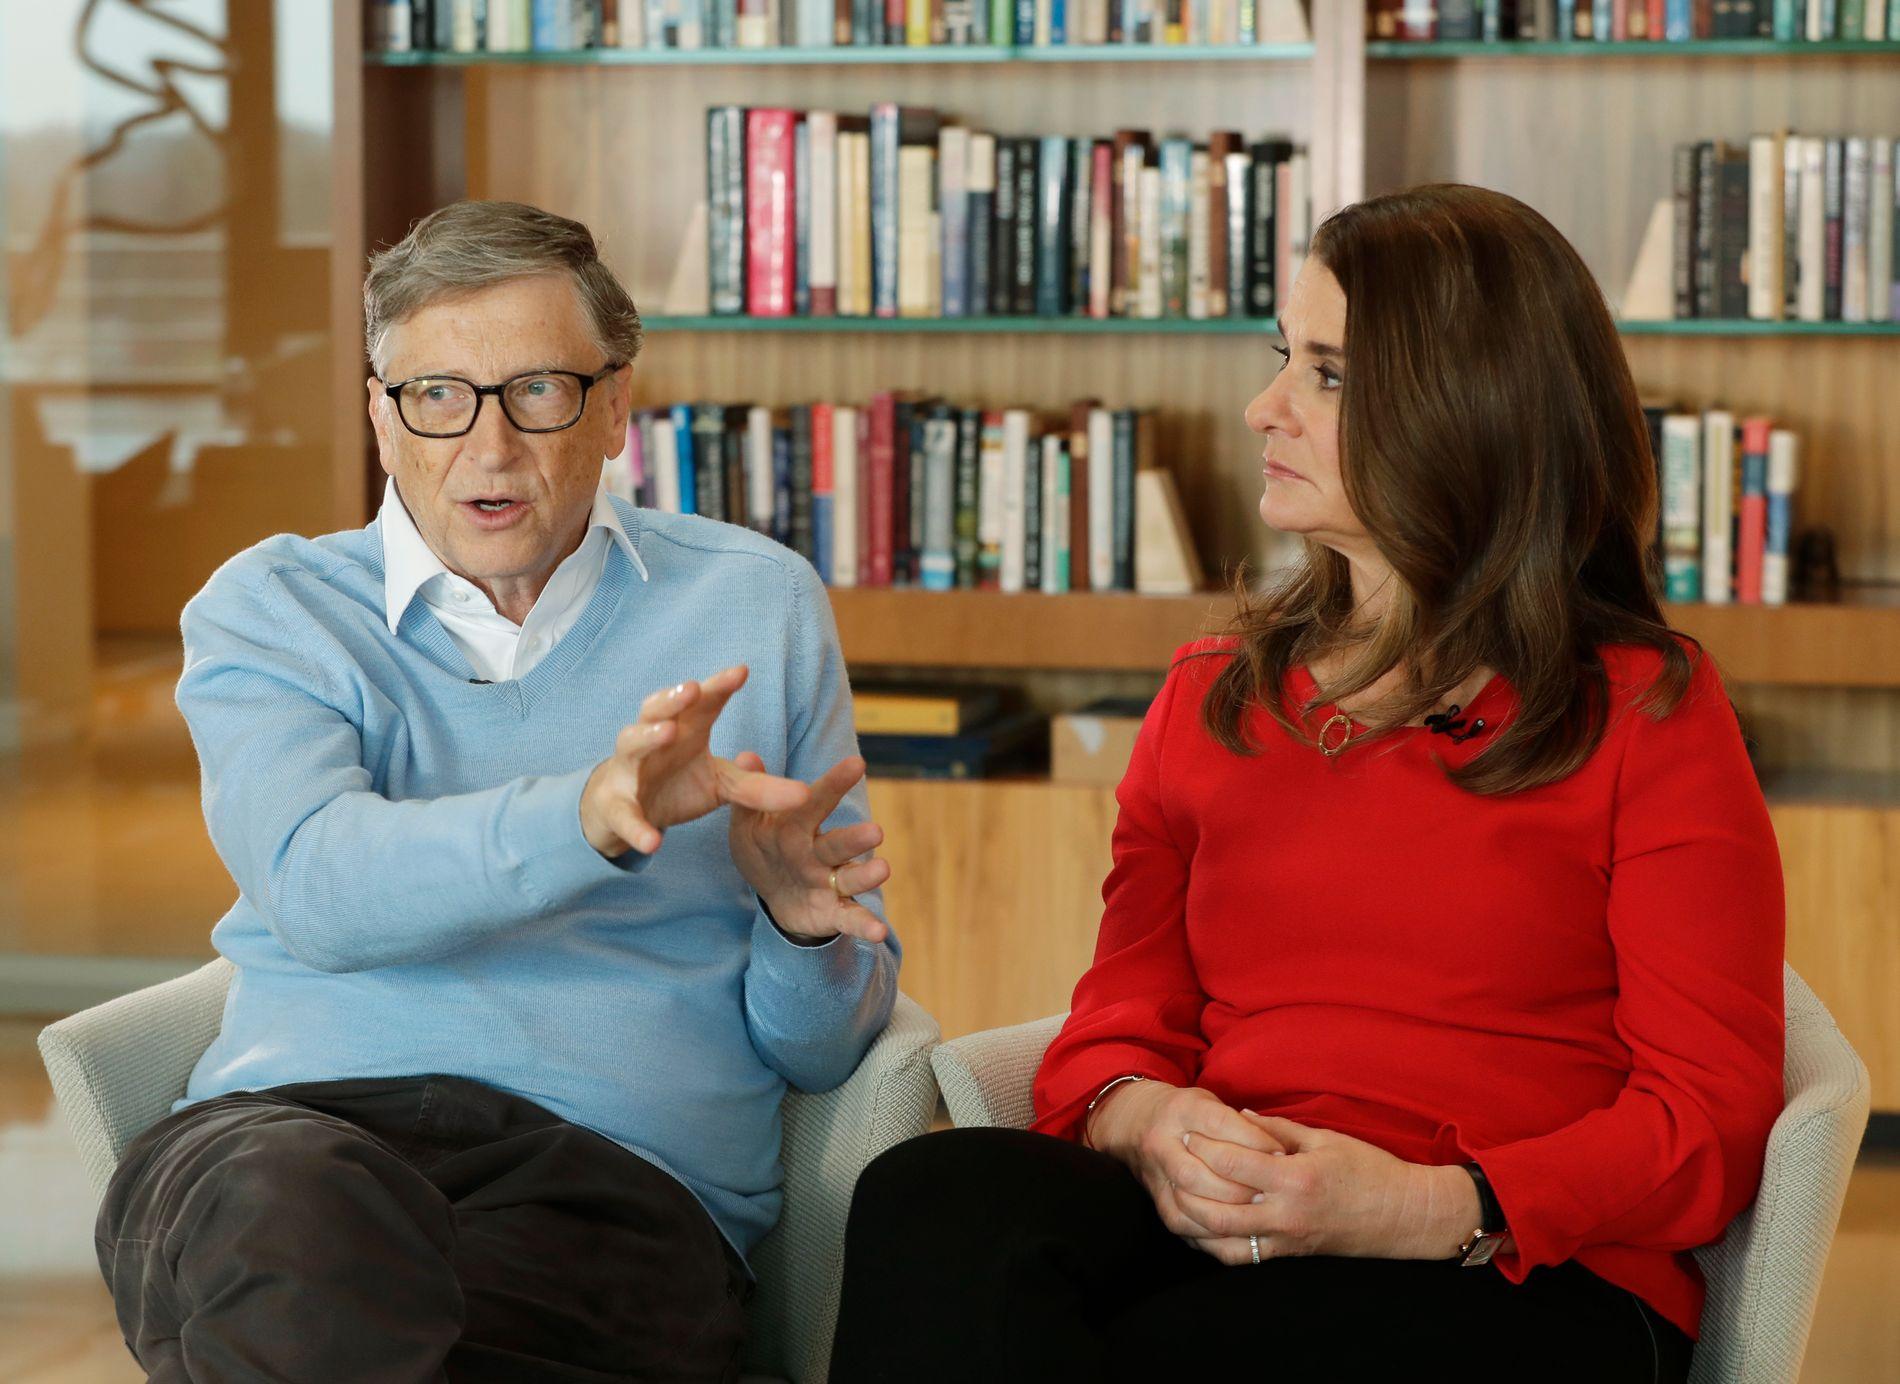 LIKTE IKKE KOMMENTAR OM DATTEREN: Bill Gates fortalte at i det første møtet med Donald Trump hadde temaet vært datteren til IT-nestoren. Det hadde kona Melinda ikke likt spesielt godt.